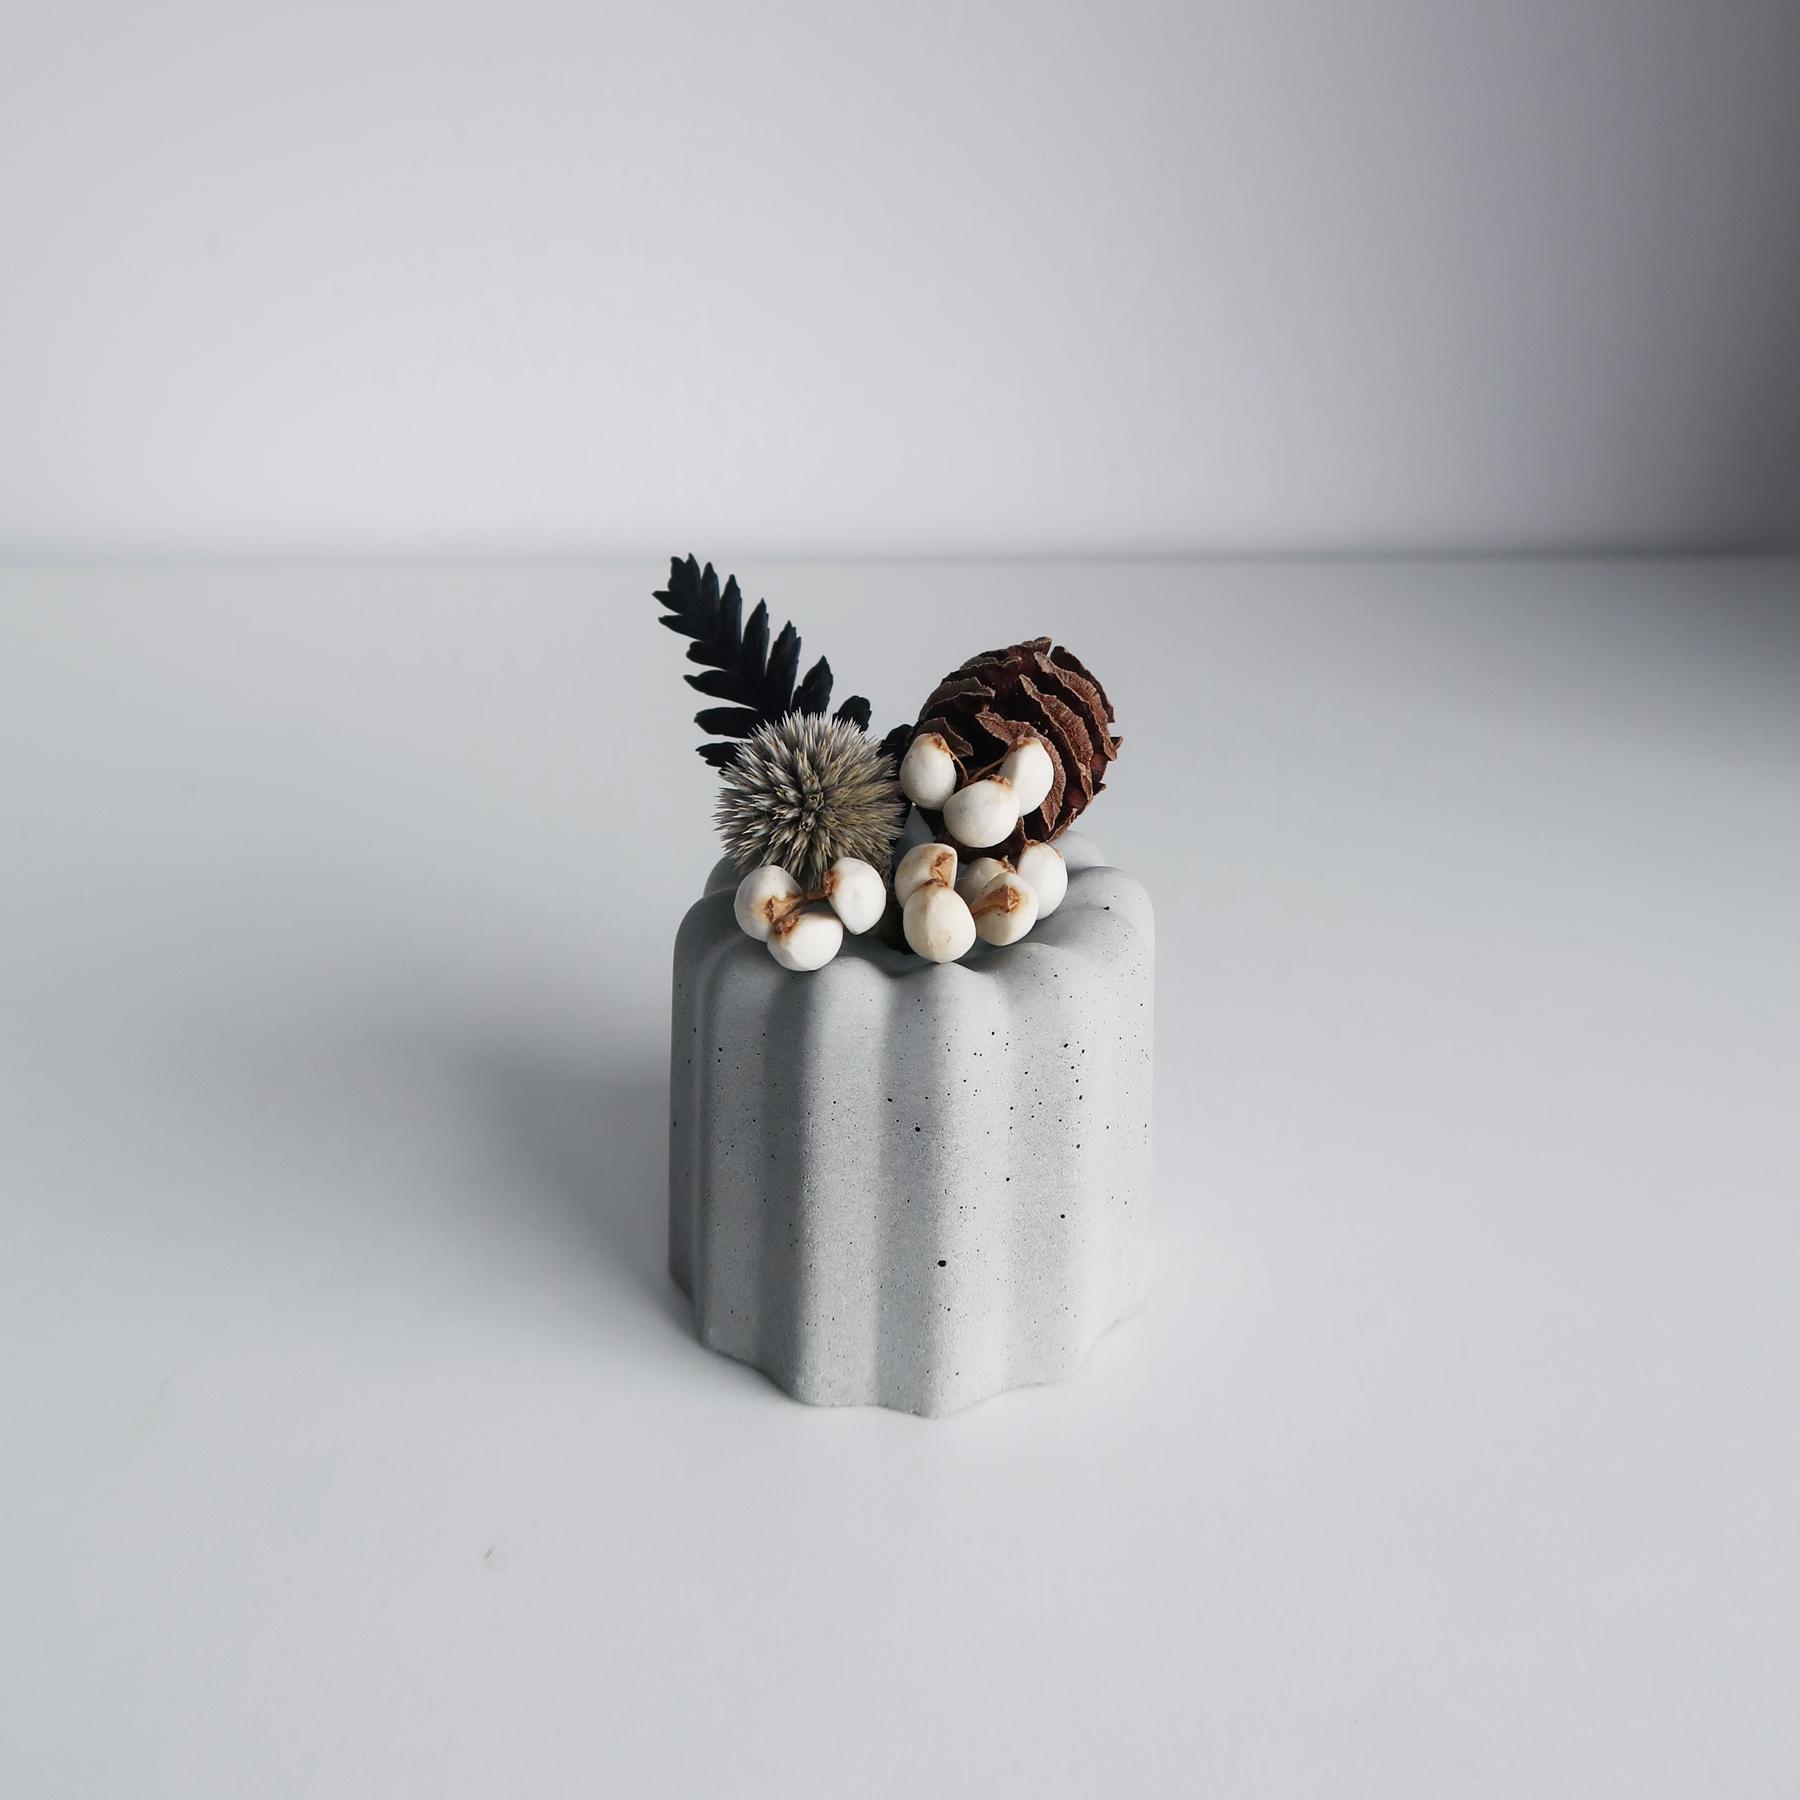 / CANELÉ 法式可麗露乾燥花水泥擴香石禮盒・松果森林 / Concrete aroma ston diffuser